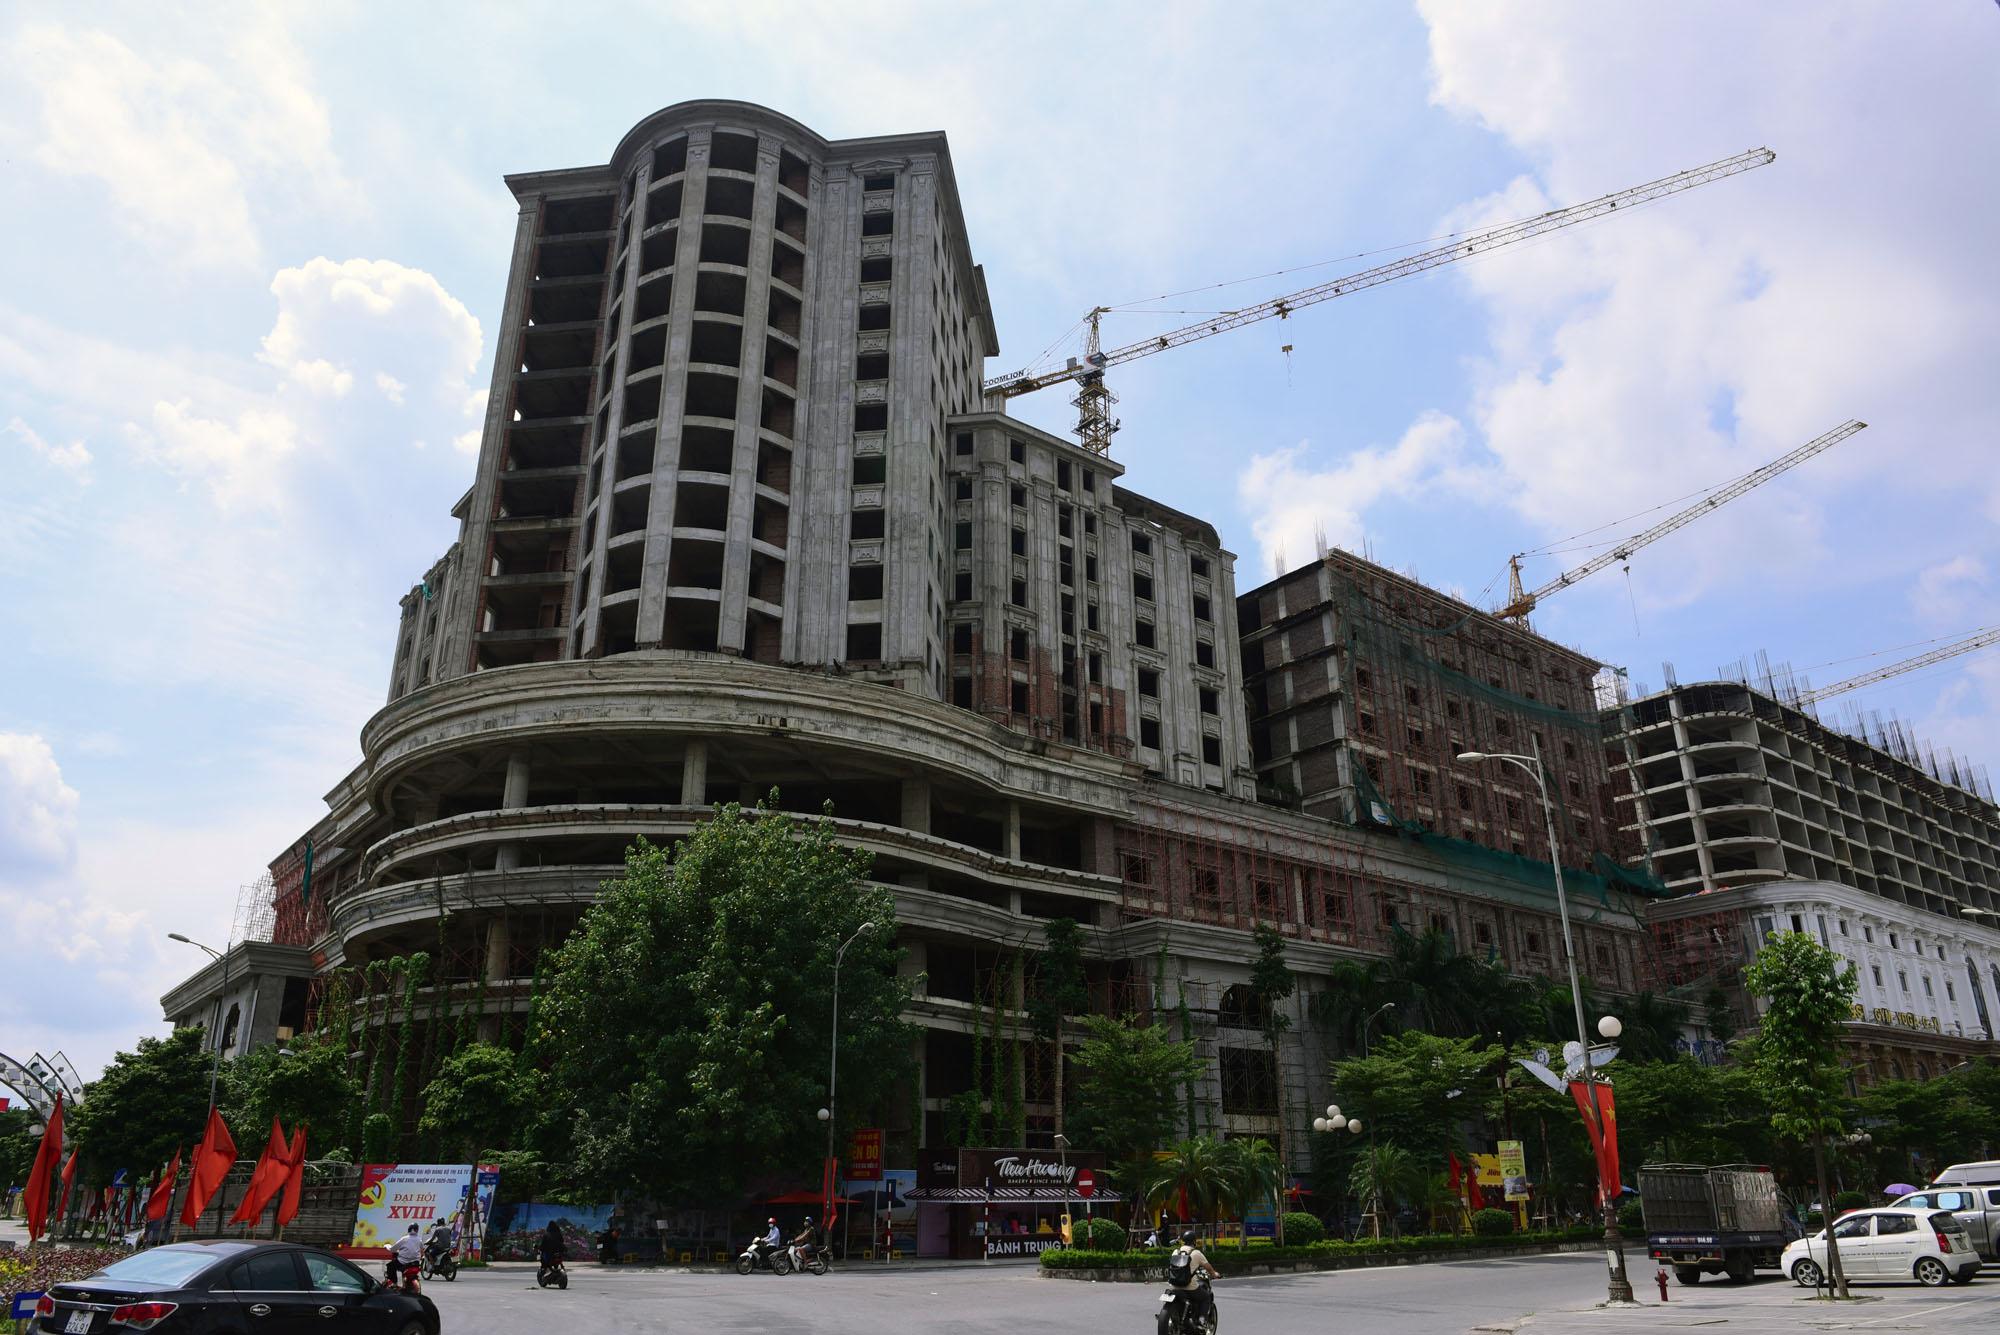 Dự án TTTM Hongkong London trên 'đất vàng' Từ Sơn, Bắc Ninh bỏ hoang nhiều năm - Ảnh 7.